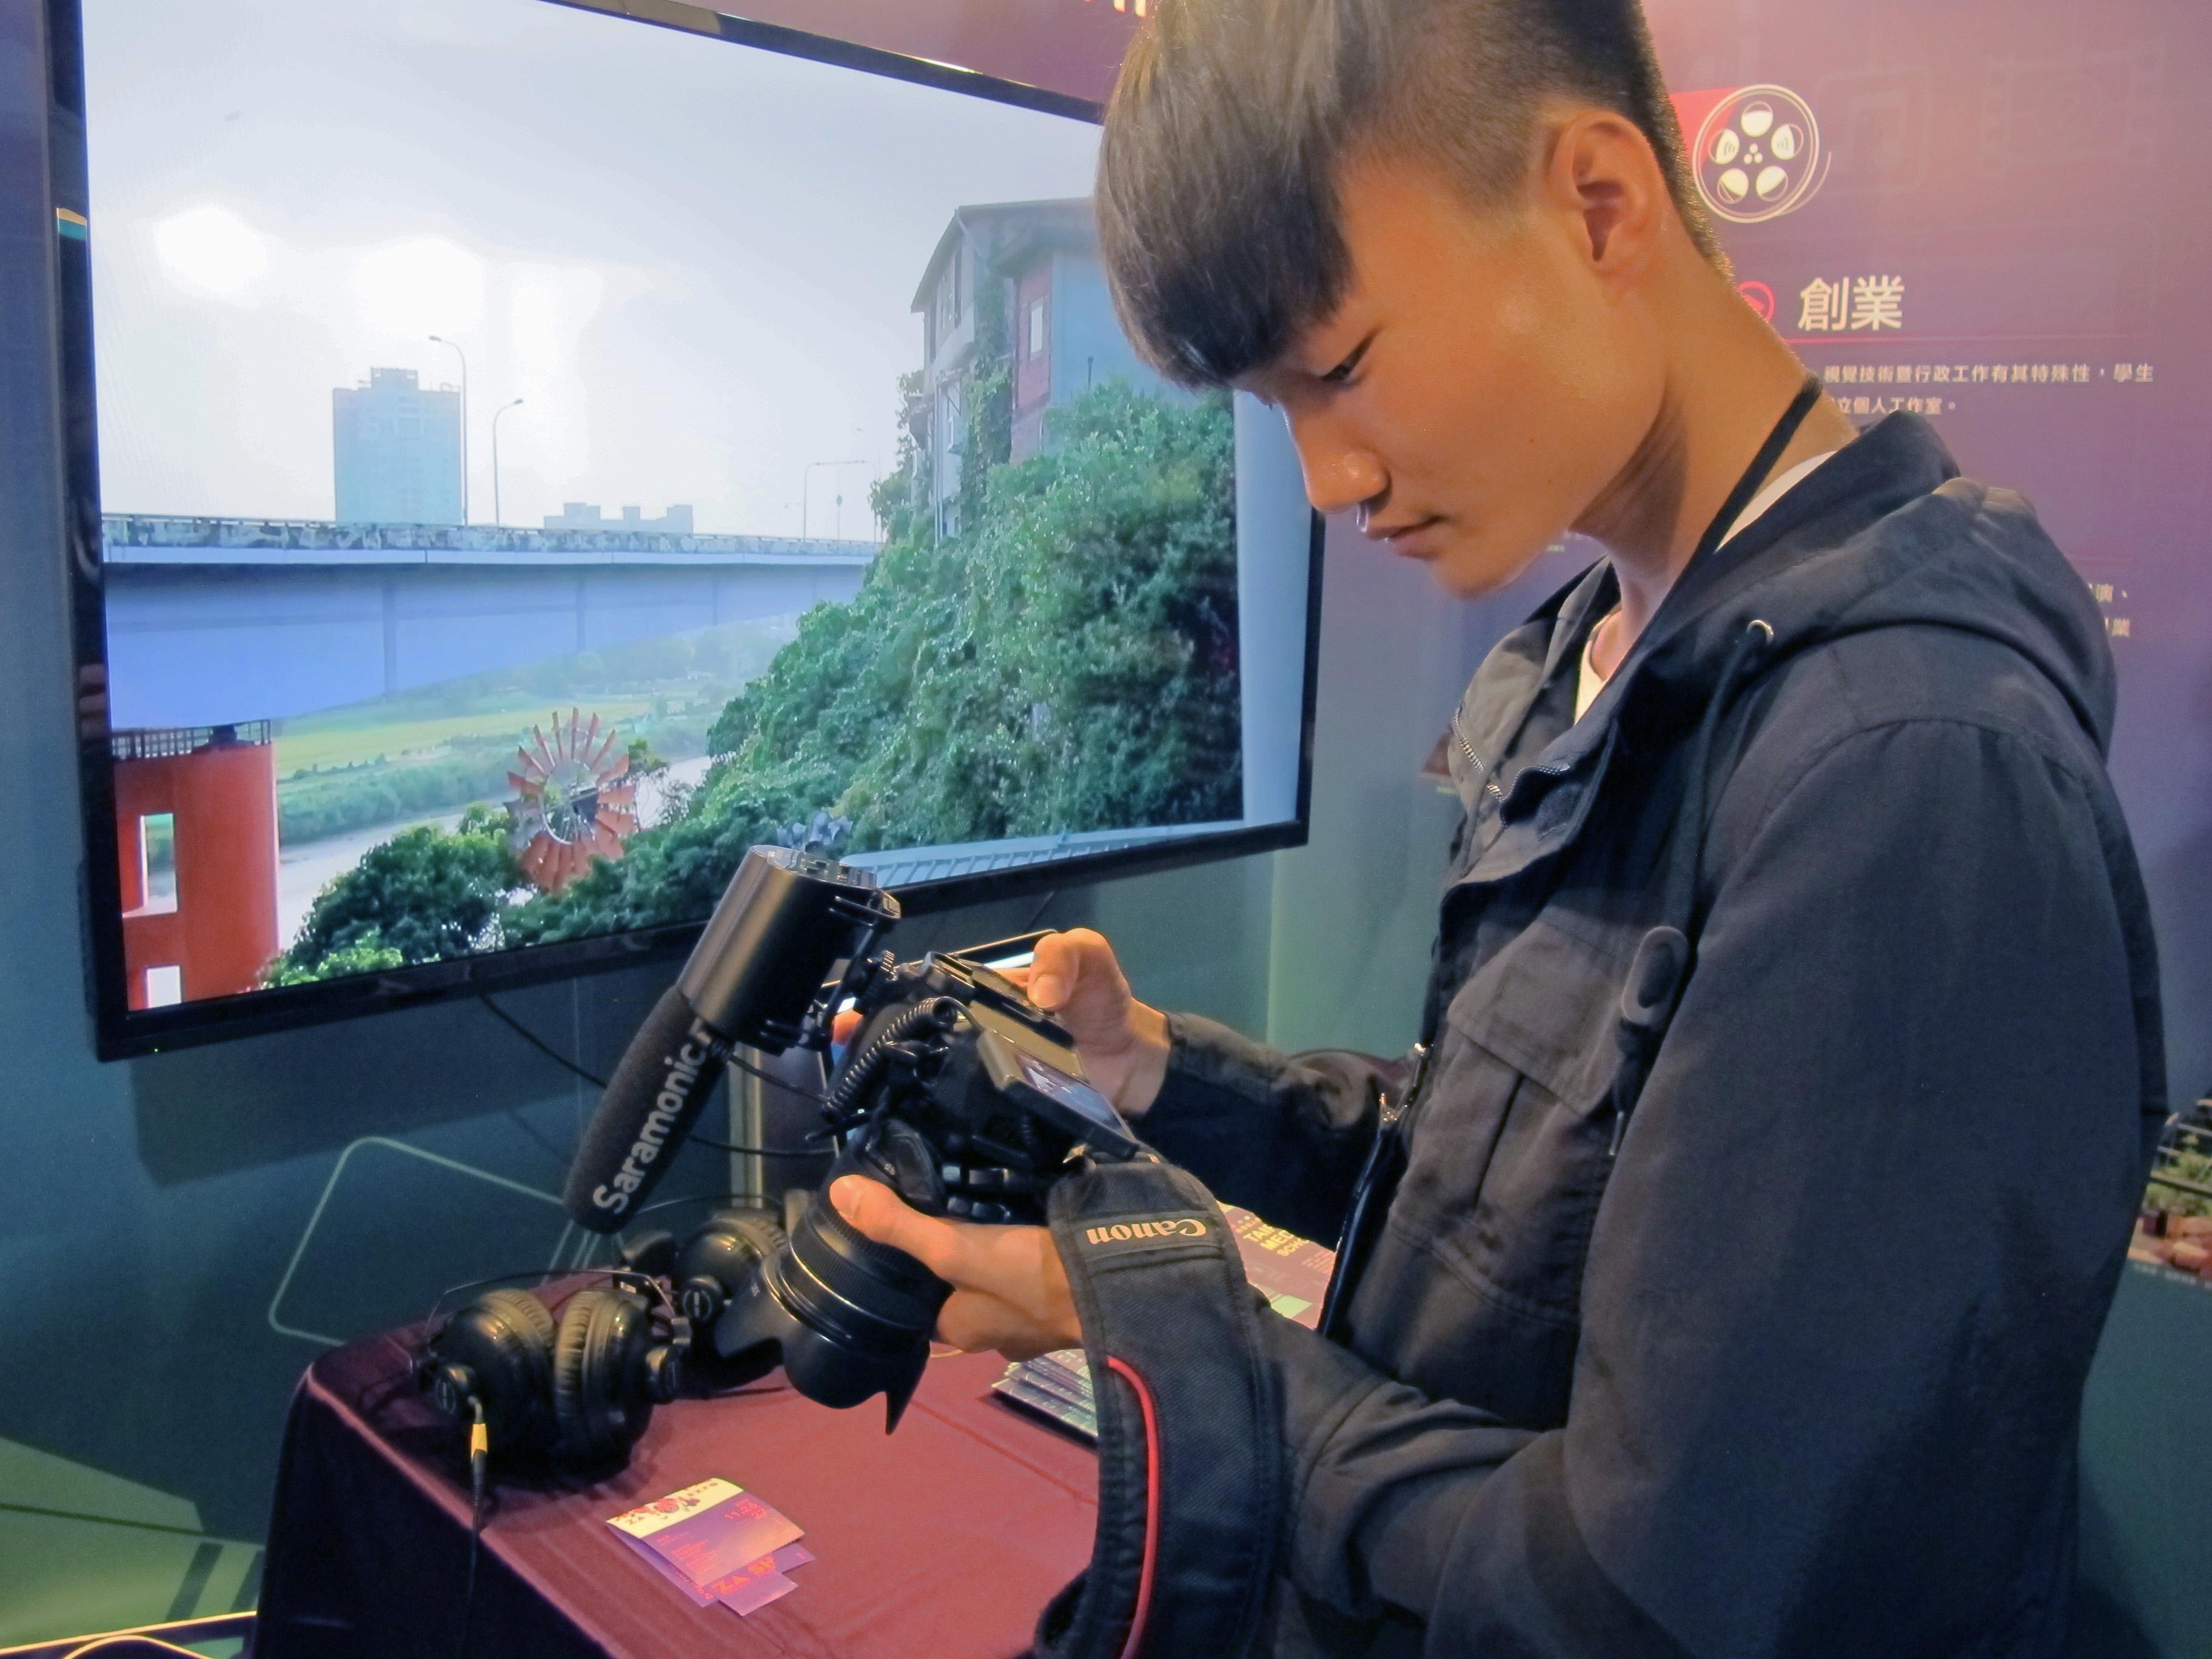 丁大能使用攝影器材技巧熟練,對自己所學非常有信心。攝影/周姈姈